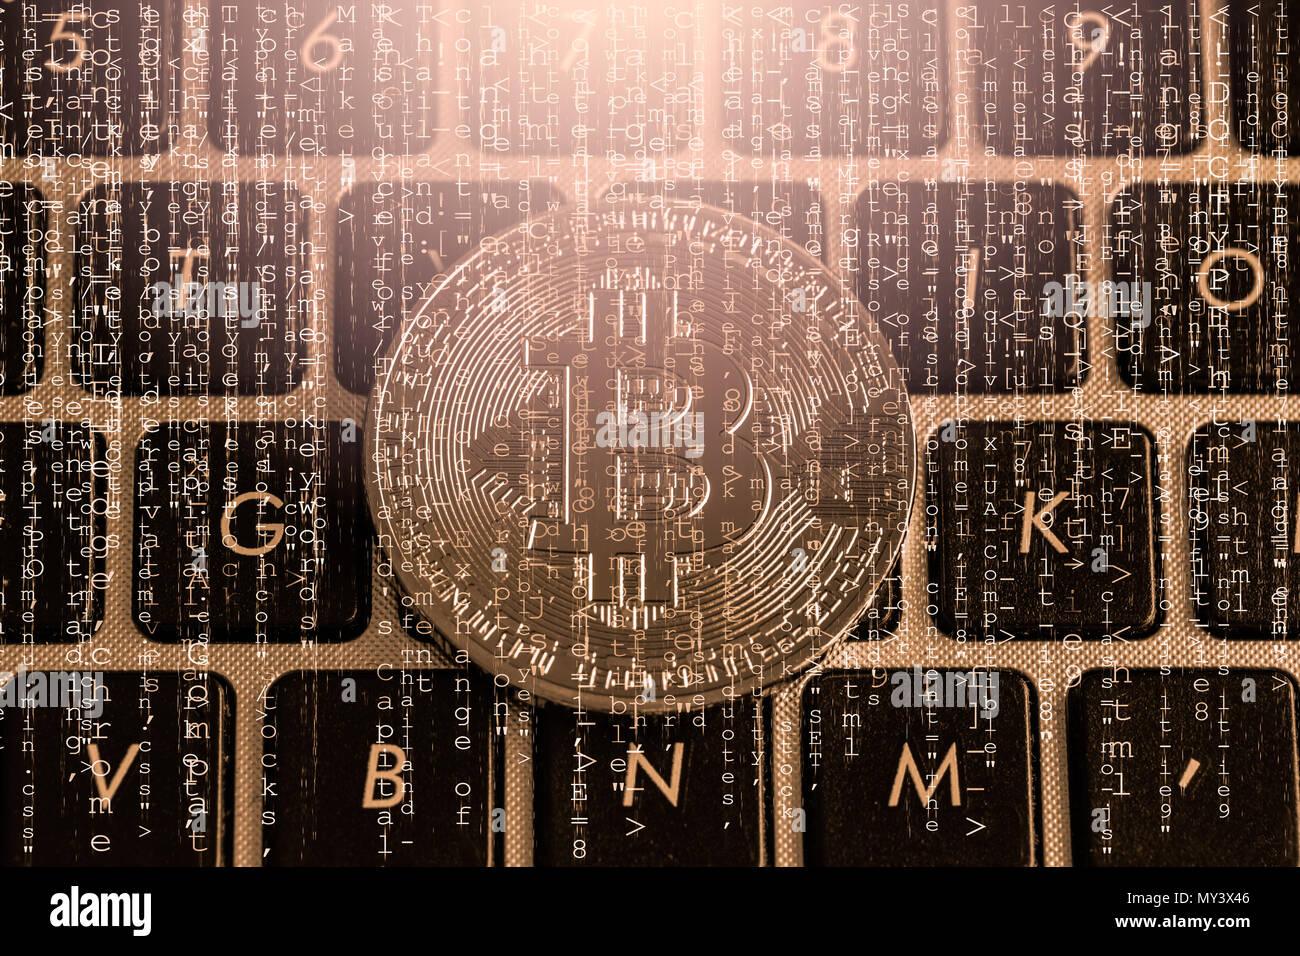 Una manera moderna de Exchange y es bitcoin pago conveniente en la economía de mercado mundial. Moneda digital Virtual de Comercio y de inversión financiera concepto. Cr Imagen De Stock